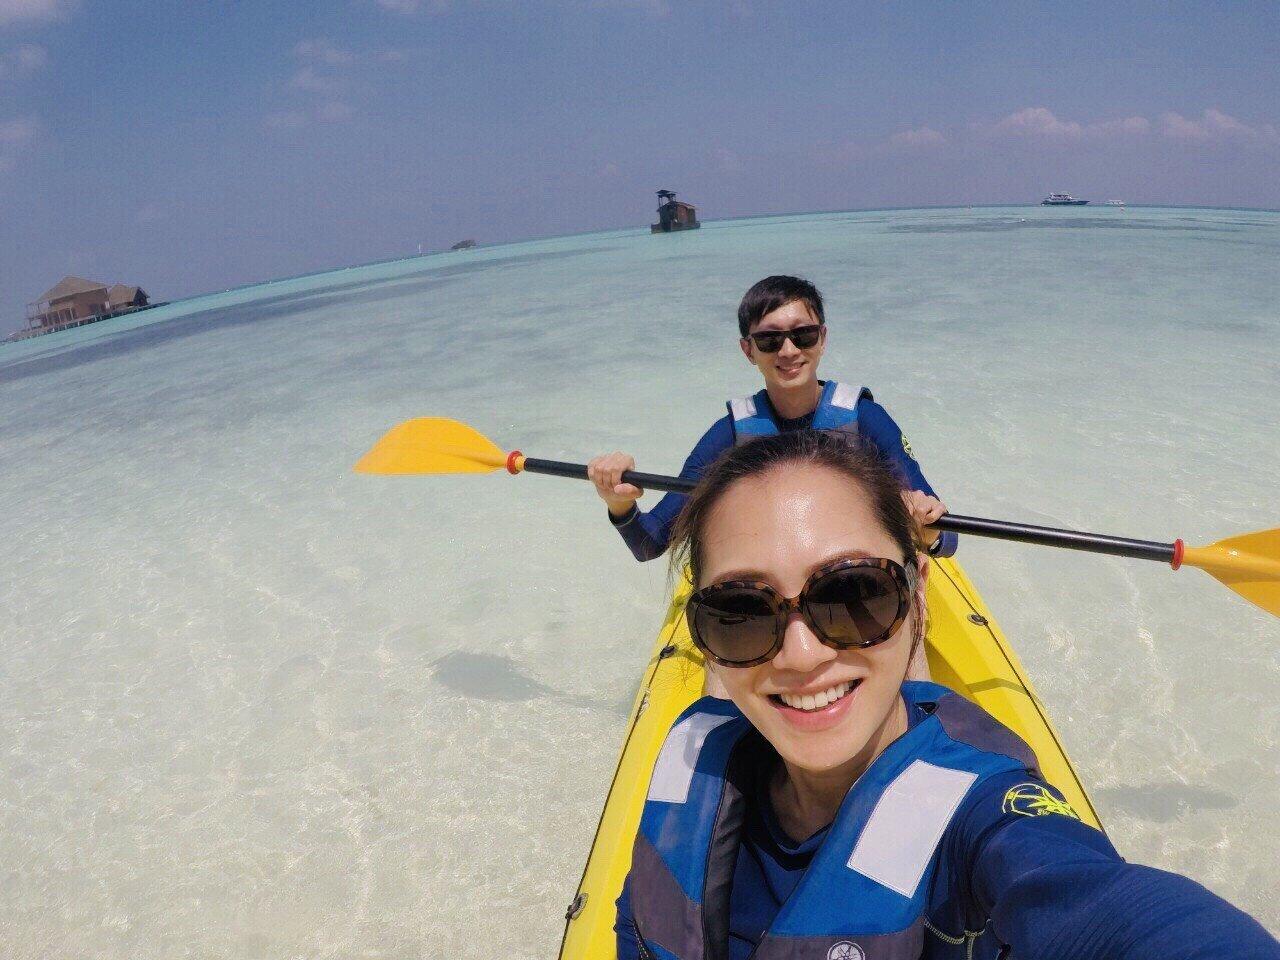 ▲卡尼島有各式各樣的活動,完全不怕無聊,楊千霈與先生一起划獨木舟。